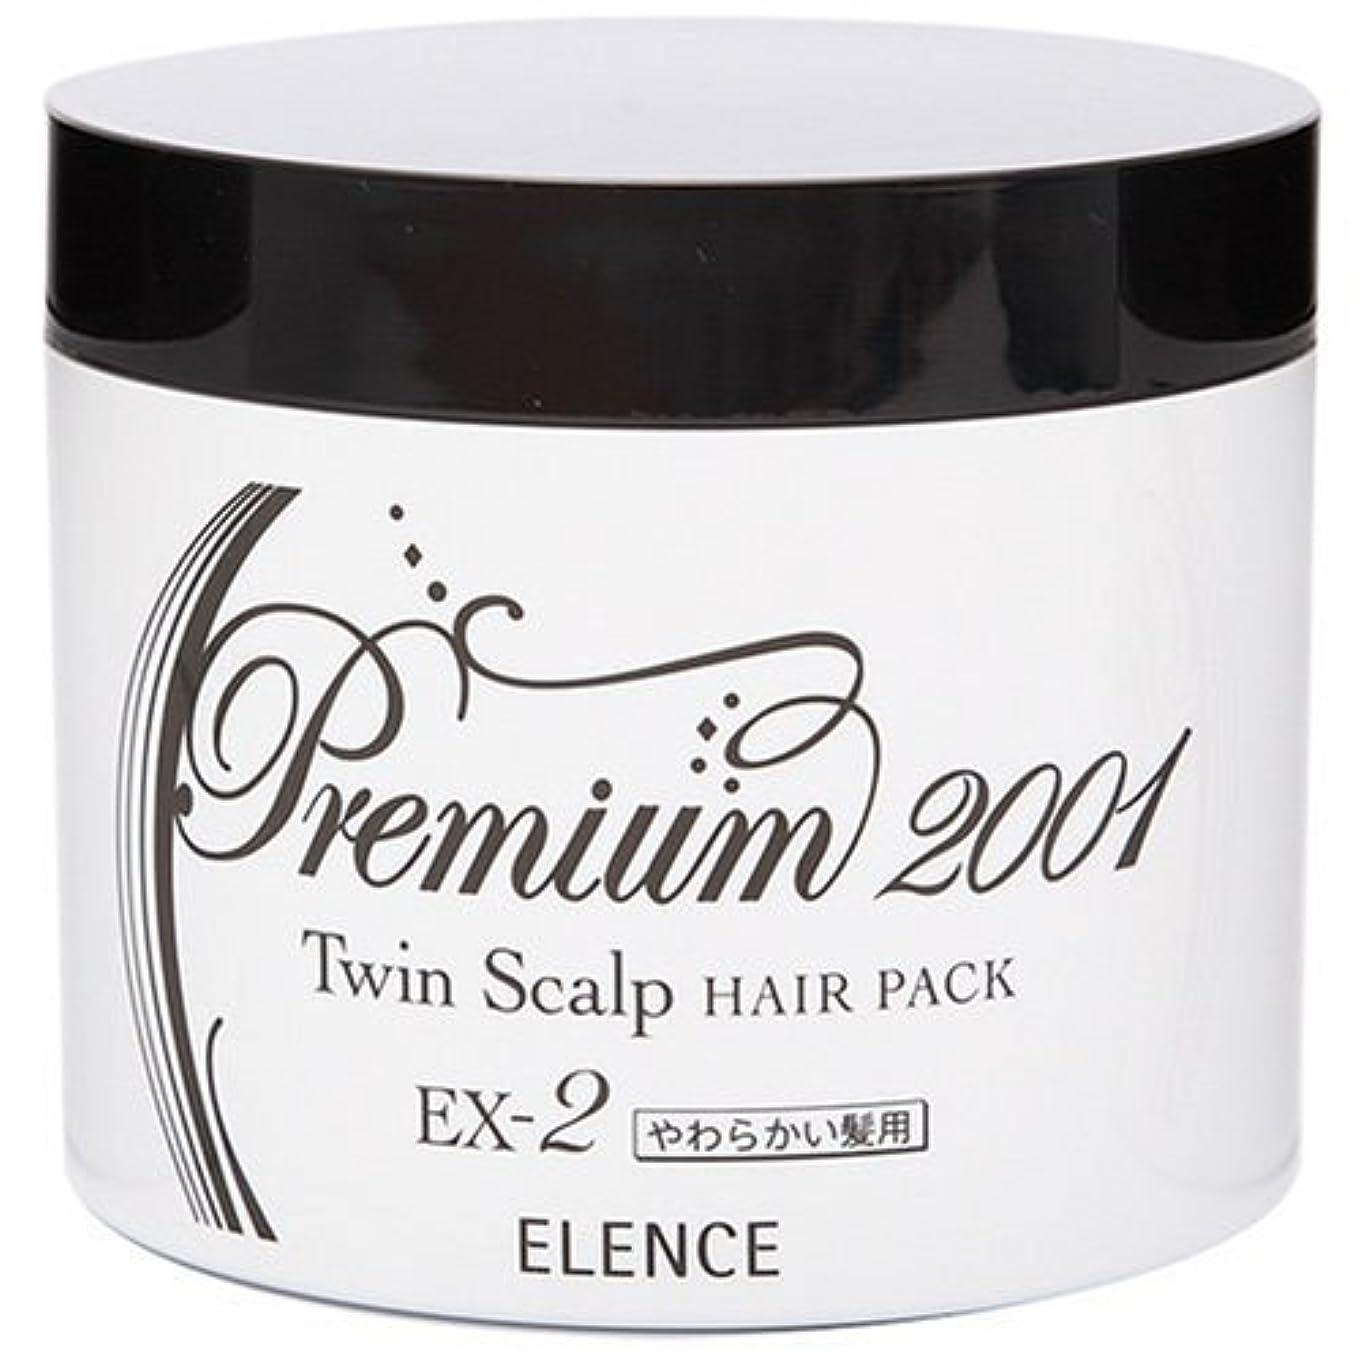 無一文放牧する保証エレンス2001 ツインスキャルプヘアパックEX-2(やわらかい髪用)